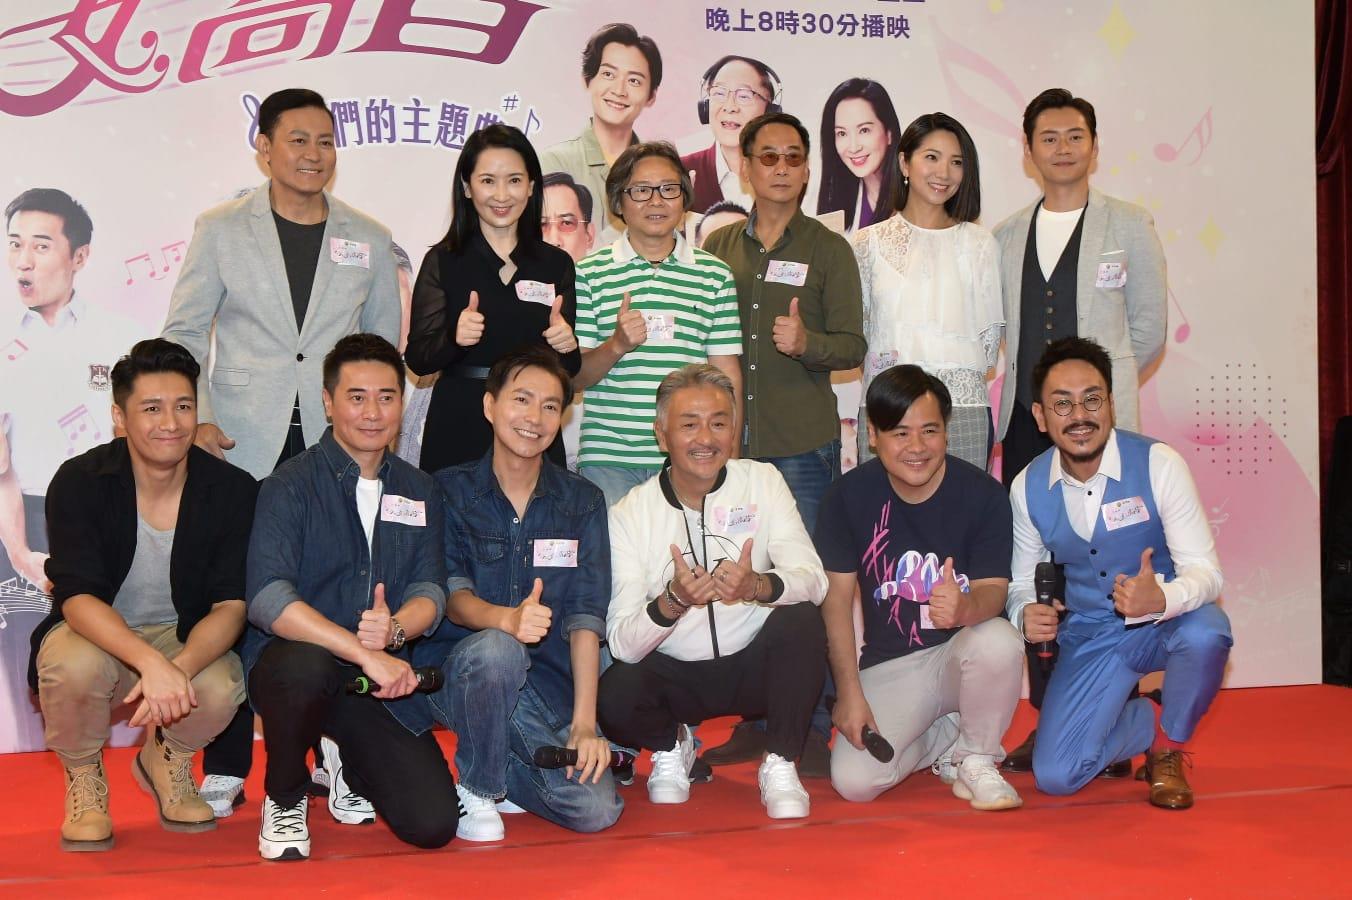 無綫劇集《牛下女高音》於電視城舉行宣傳活動。